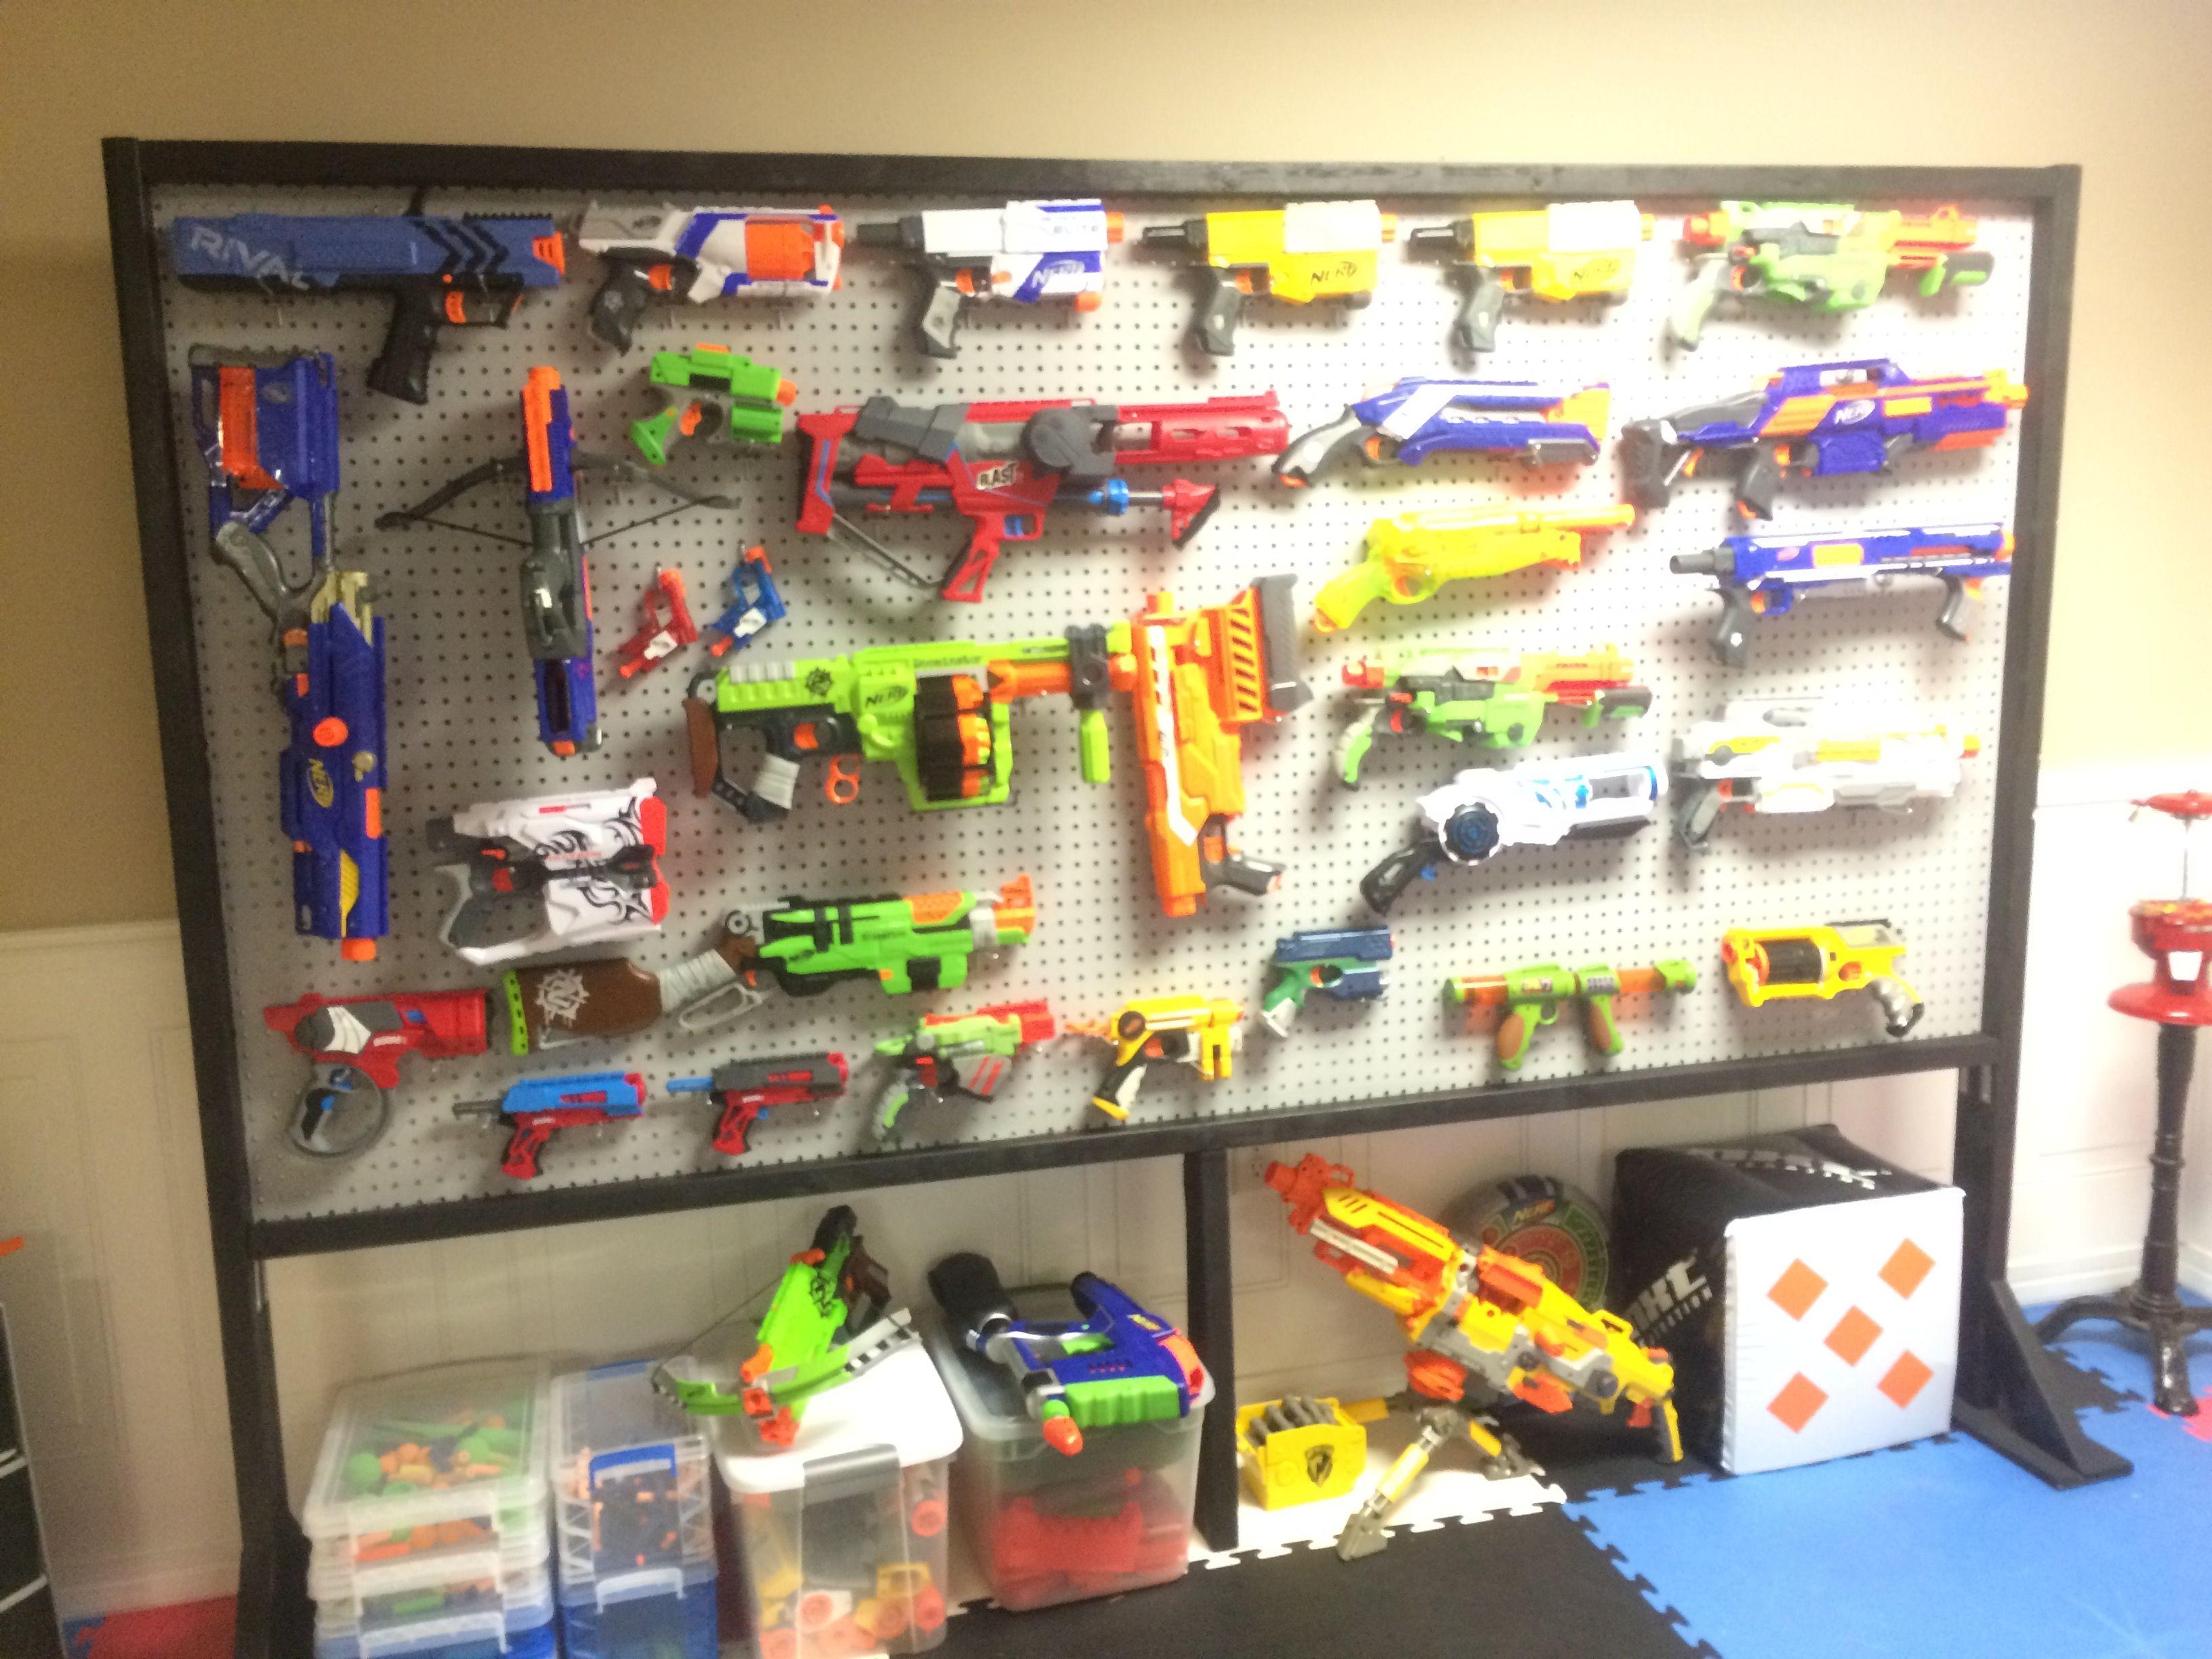 Our nerf gun storage solution!